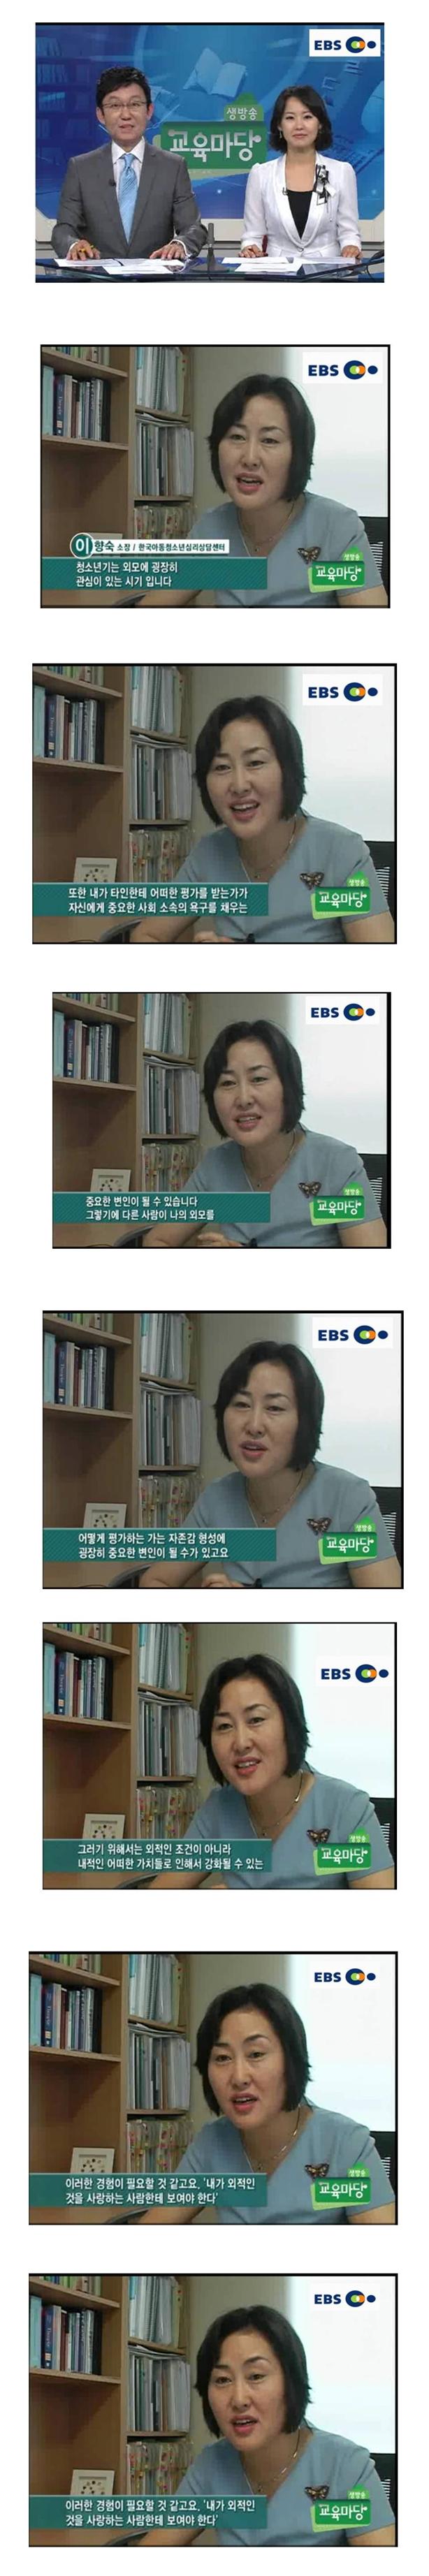 2010년 08월 03일 EBS 생방송 교육마당_청소년 외모집착 이유와 해결방안 .jpg